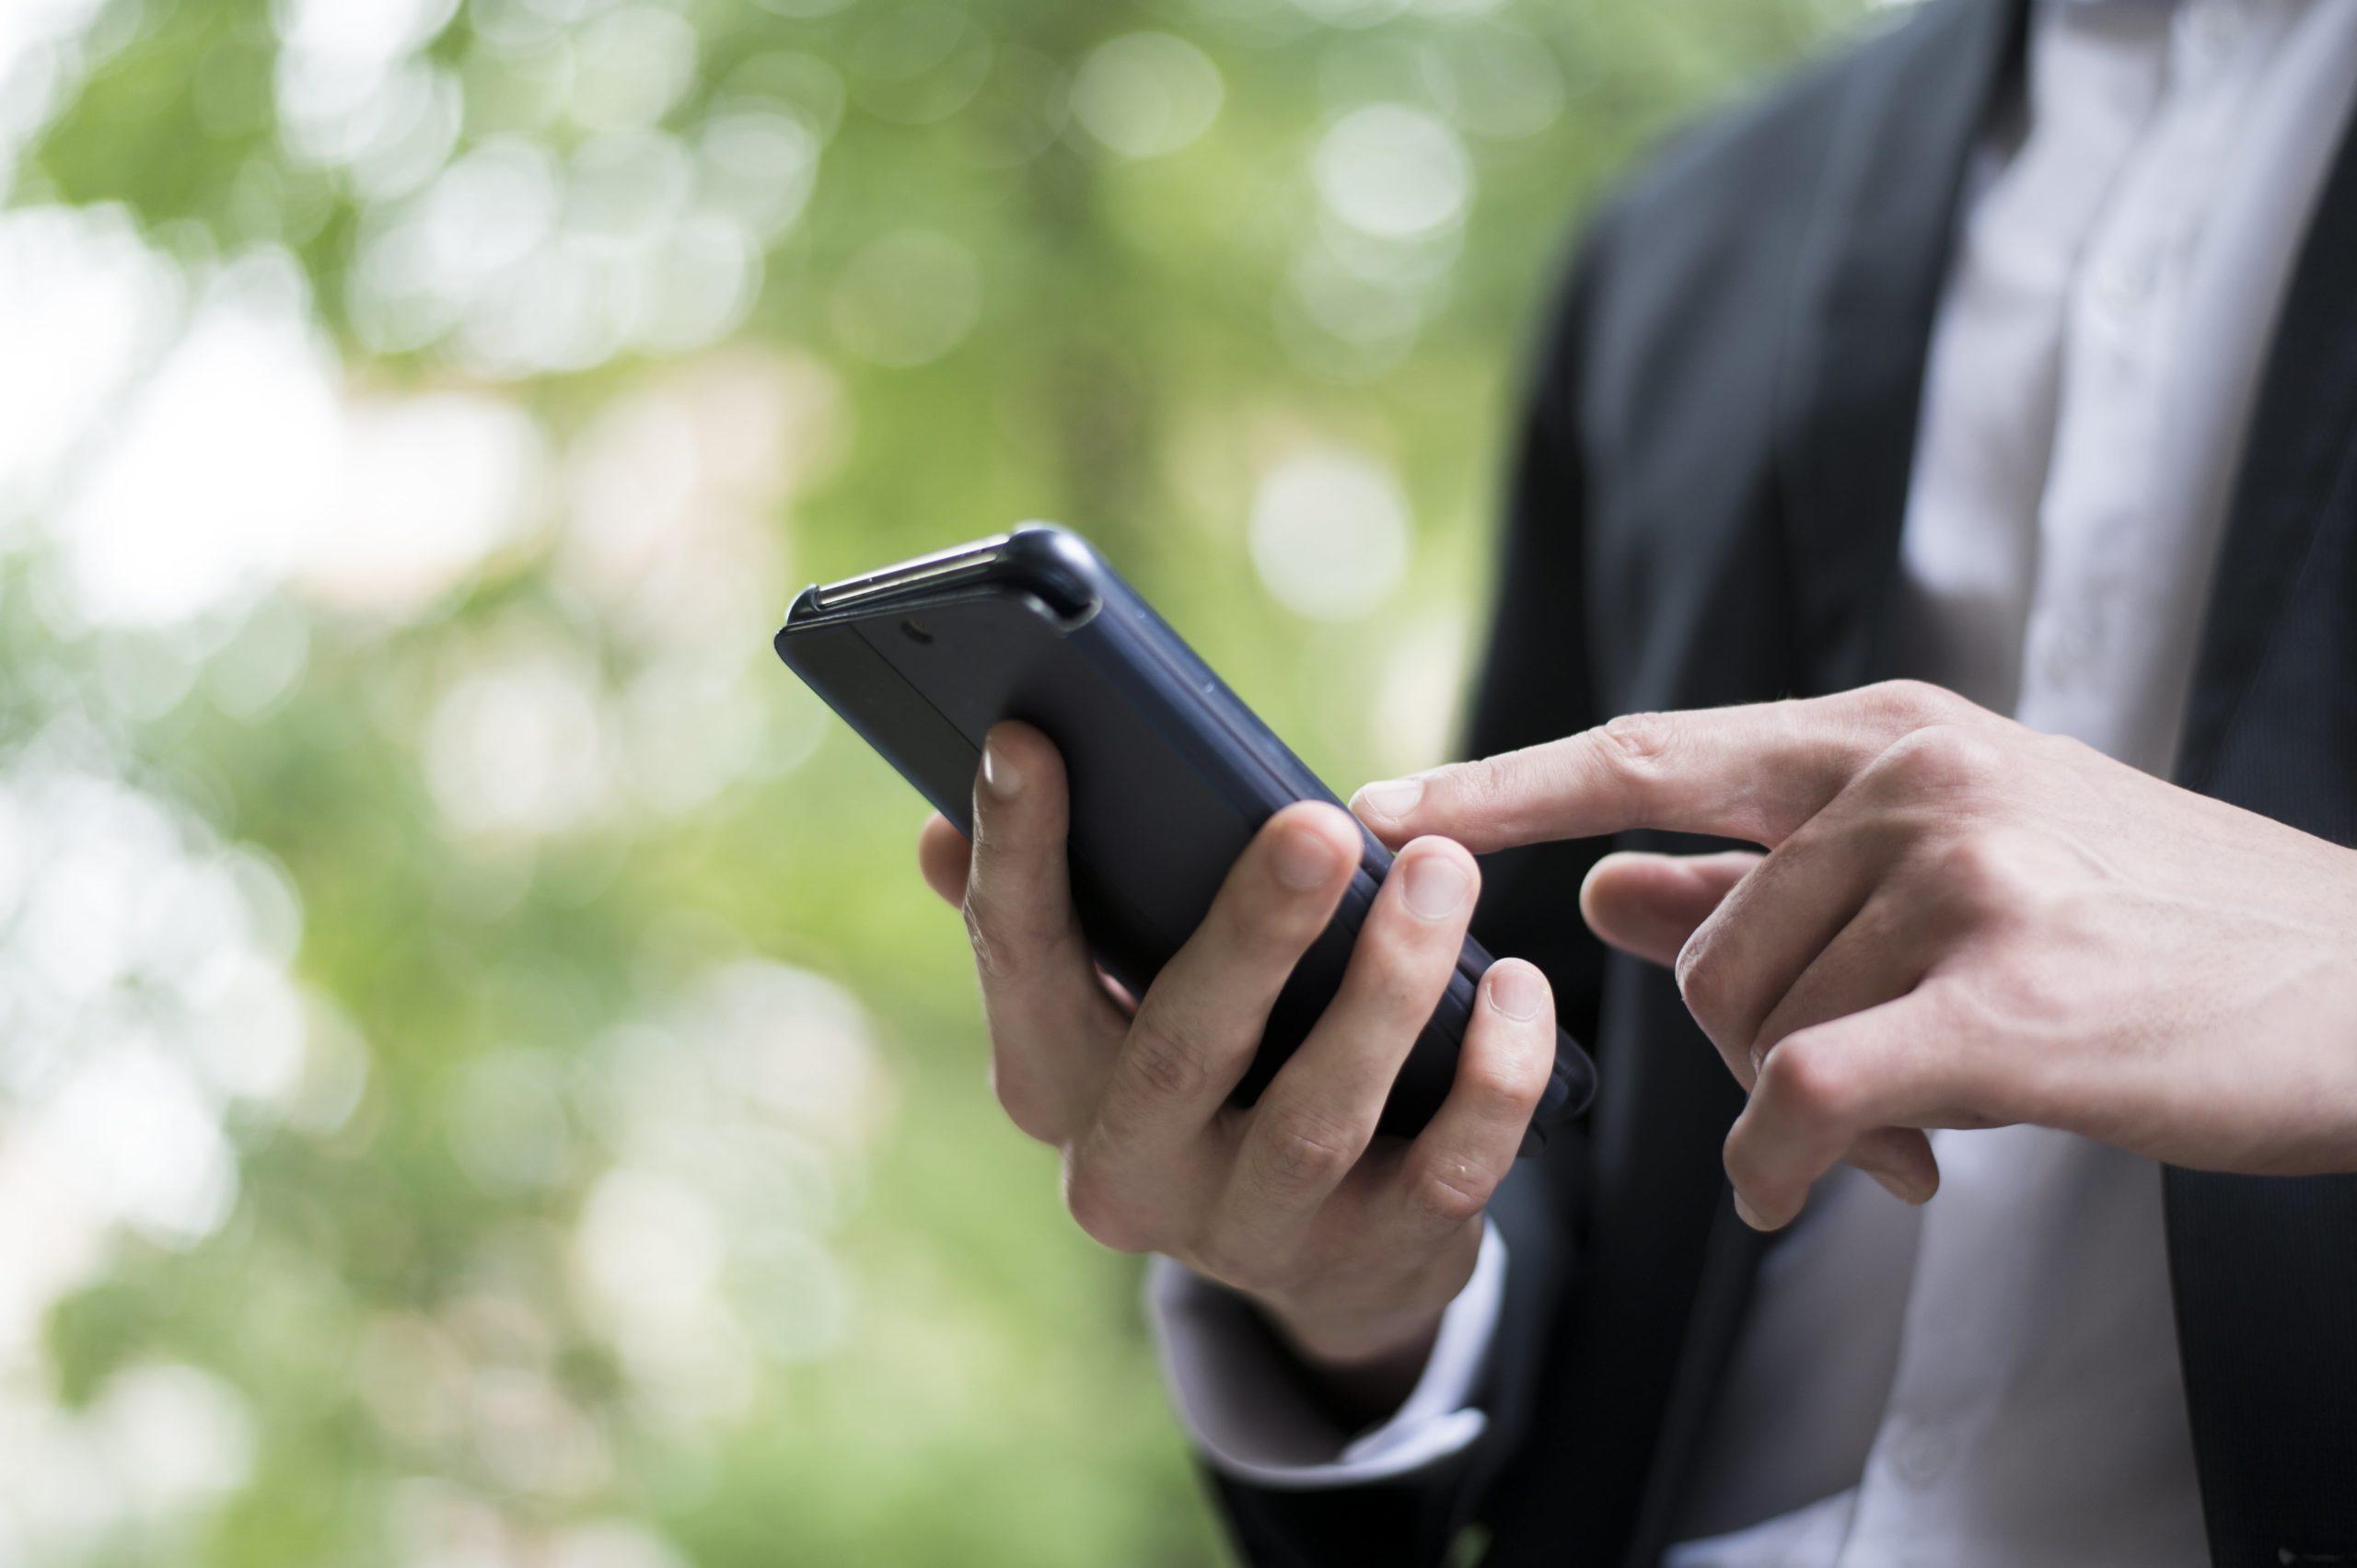 Vanzelfsprekendheid overheid - WiFi oplossingen